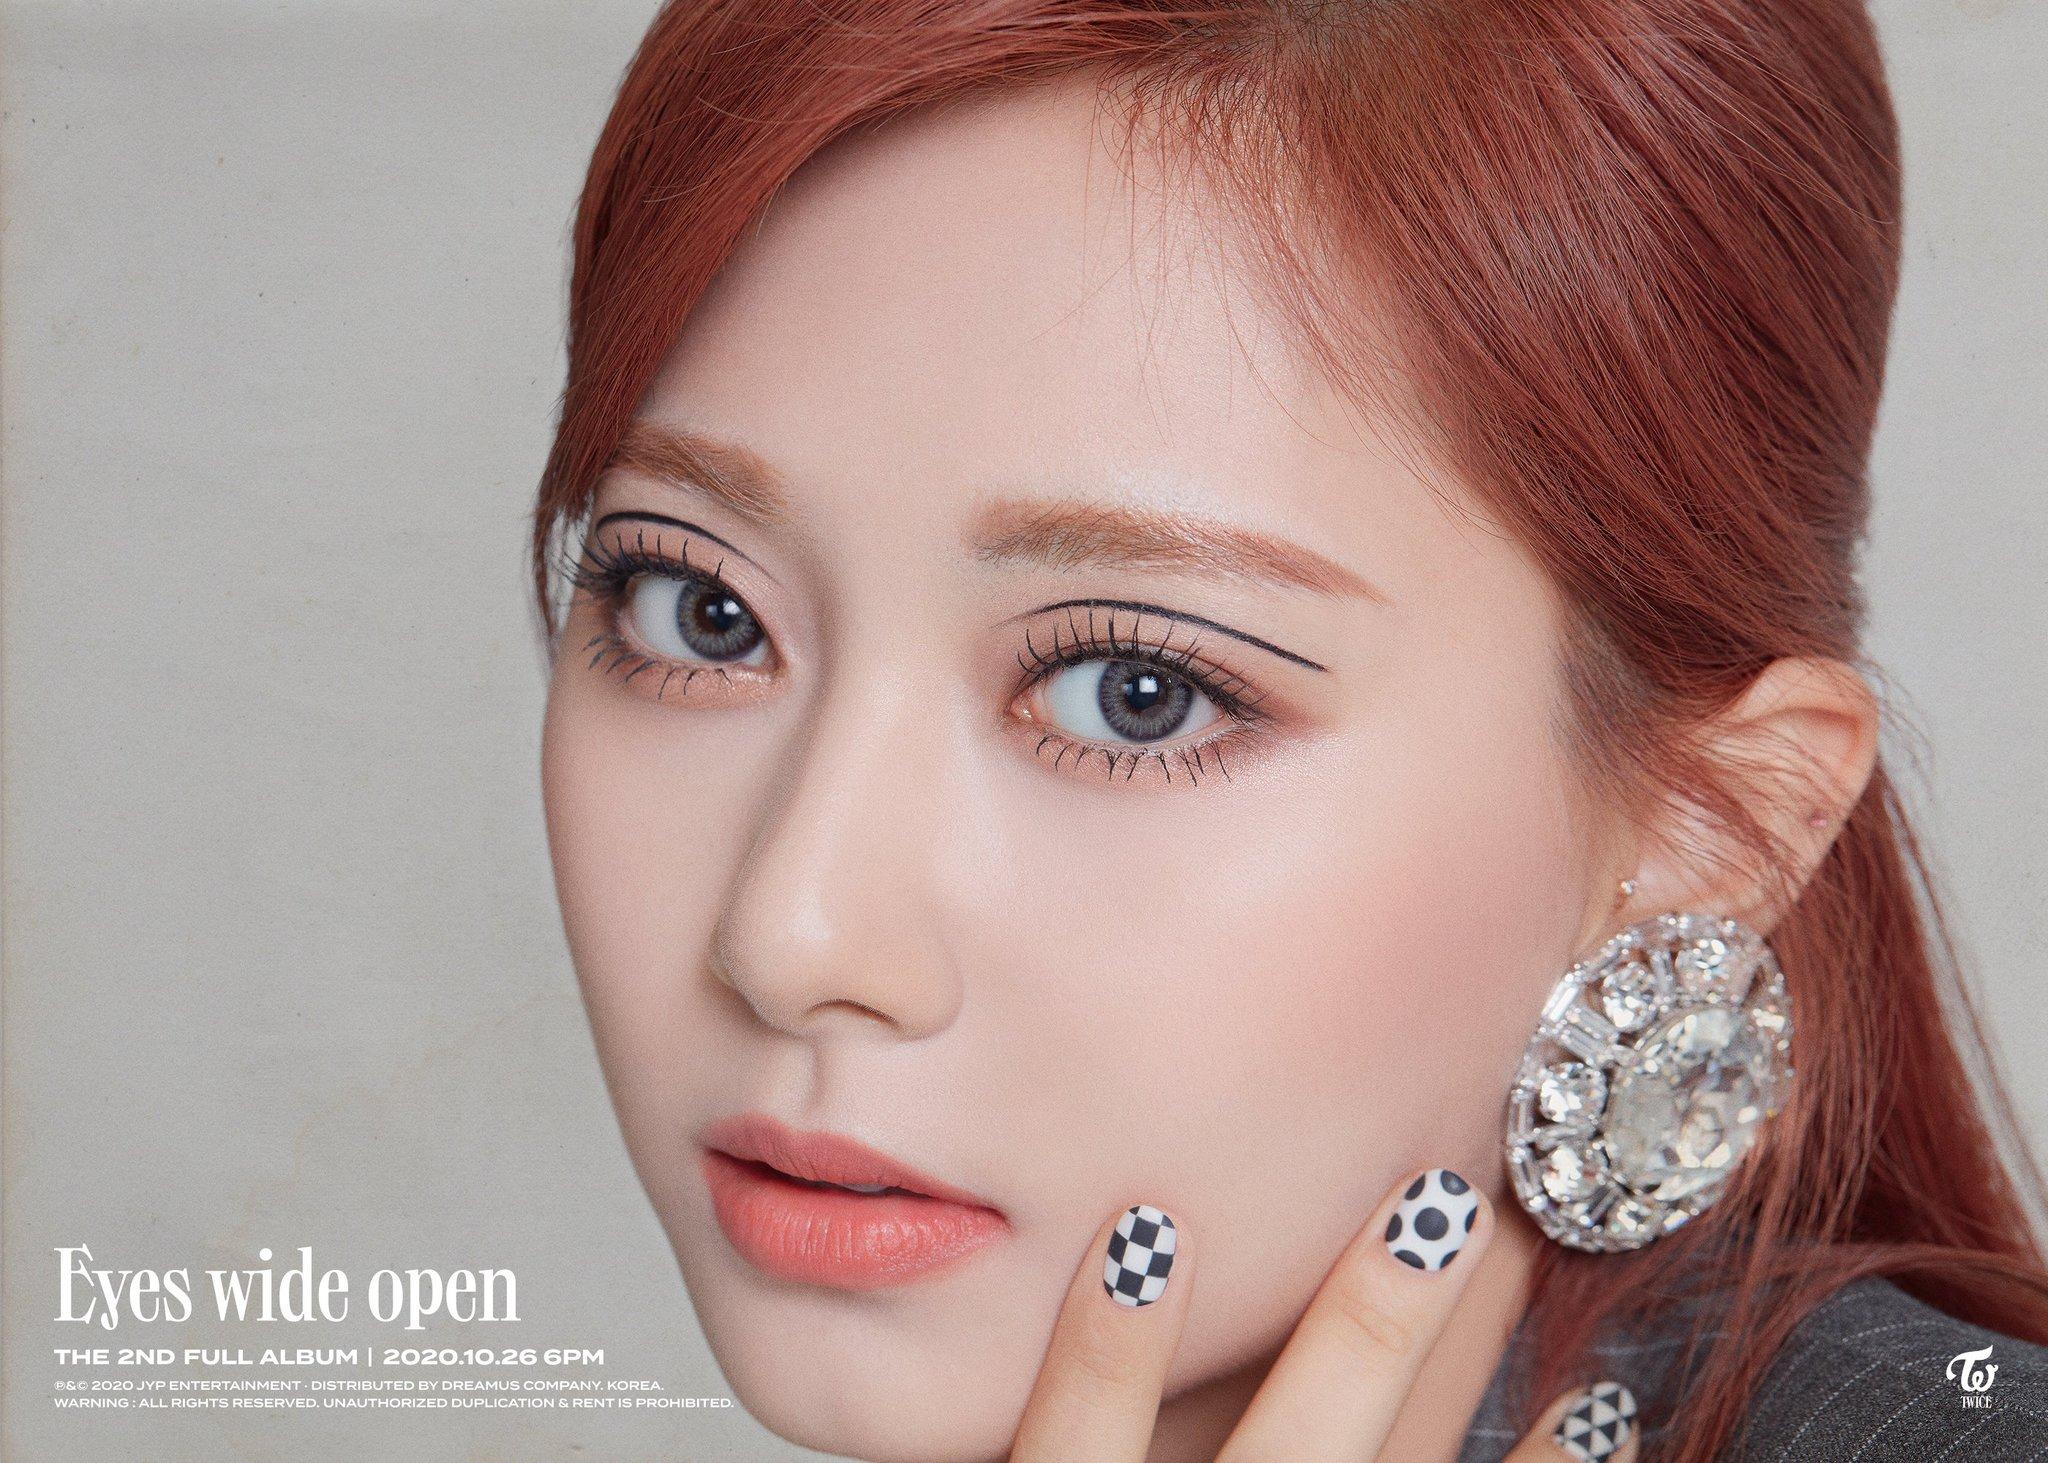 Cùng kẻ eyeliner độc đáo nhưng Tzuyu đẹp vượt trội so với Rosé - 1